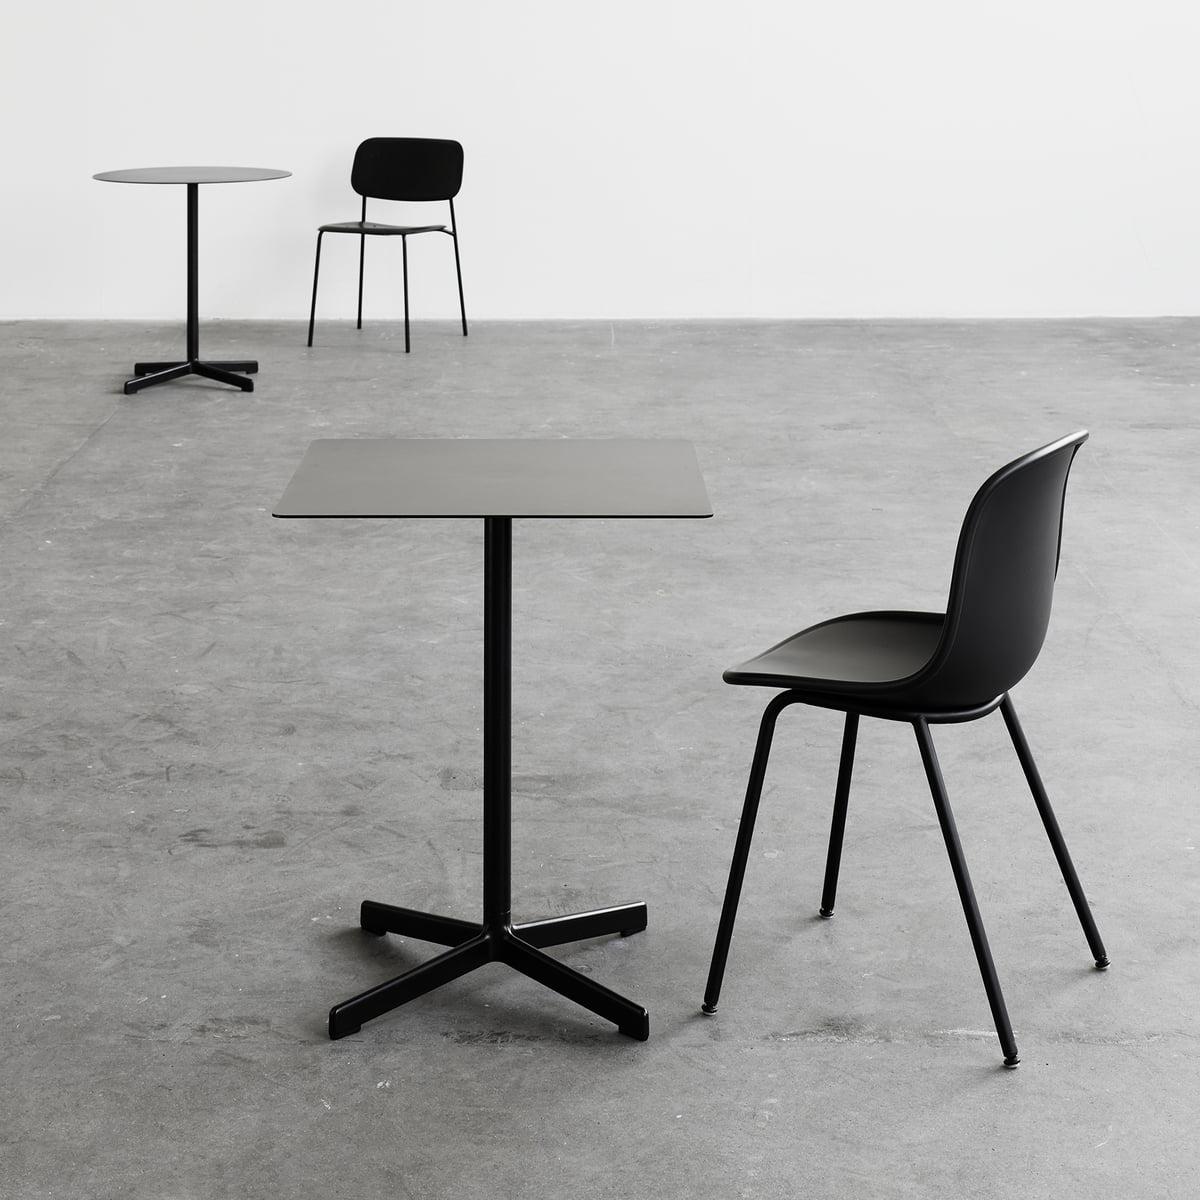 neu tisch quadratisch von hay. Black Bedroom Furniture Sets. Home Design Ideas